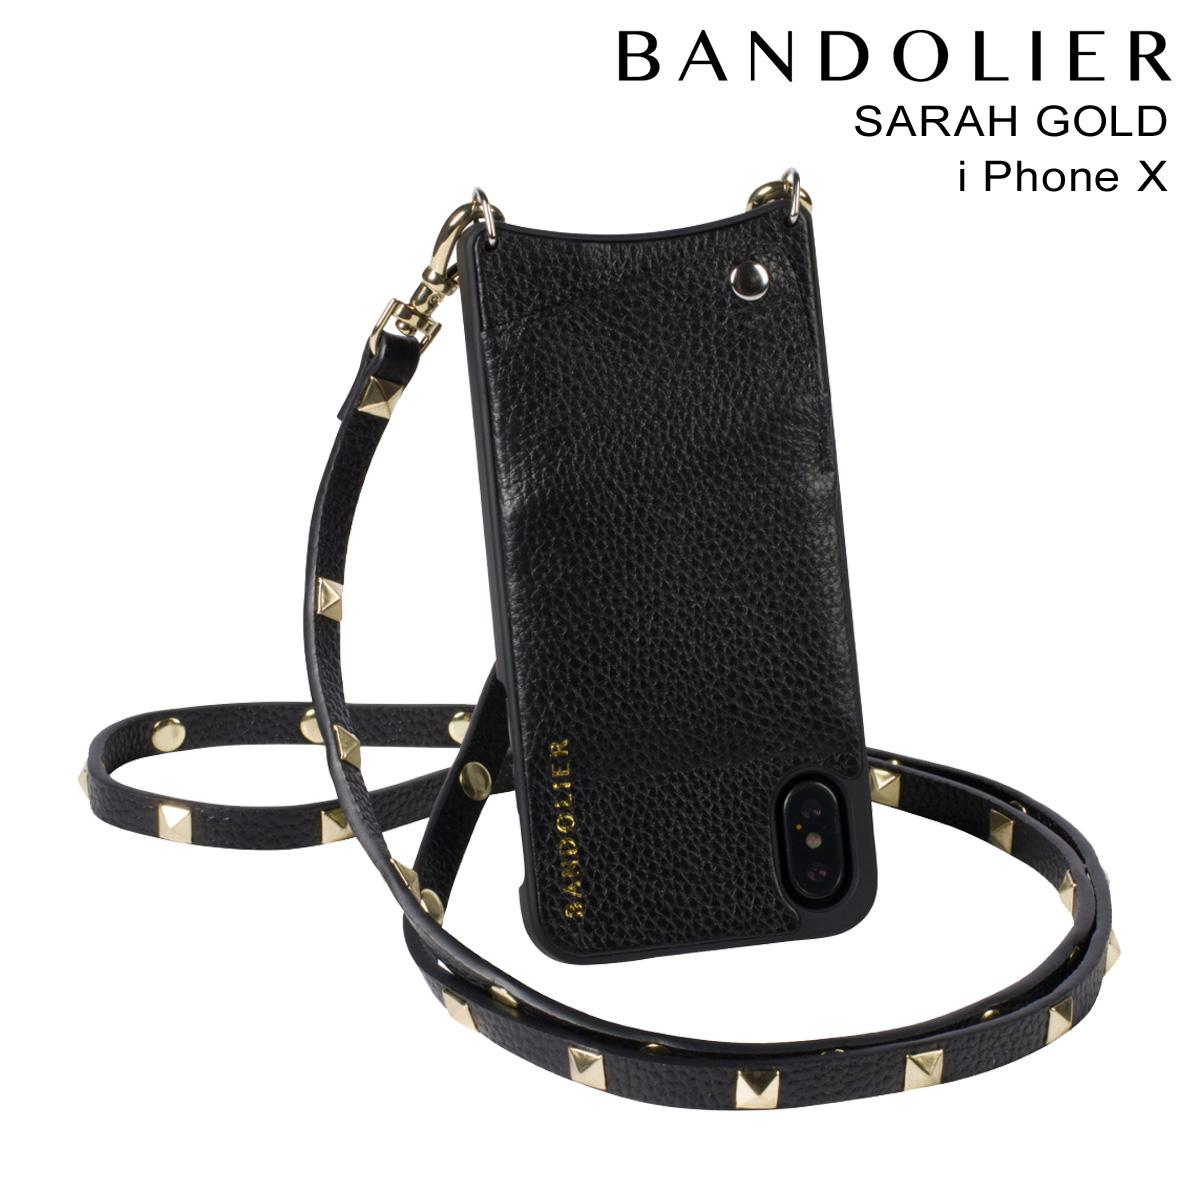 BANDOLIER iPhoneX SARAH GOLD バンドリヤー ケース スマホ アイフォン レザー メンズ レディース [4/18 再入荷]